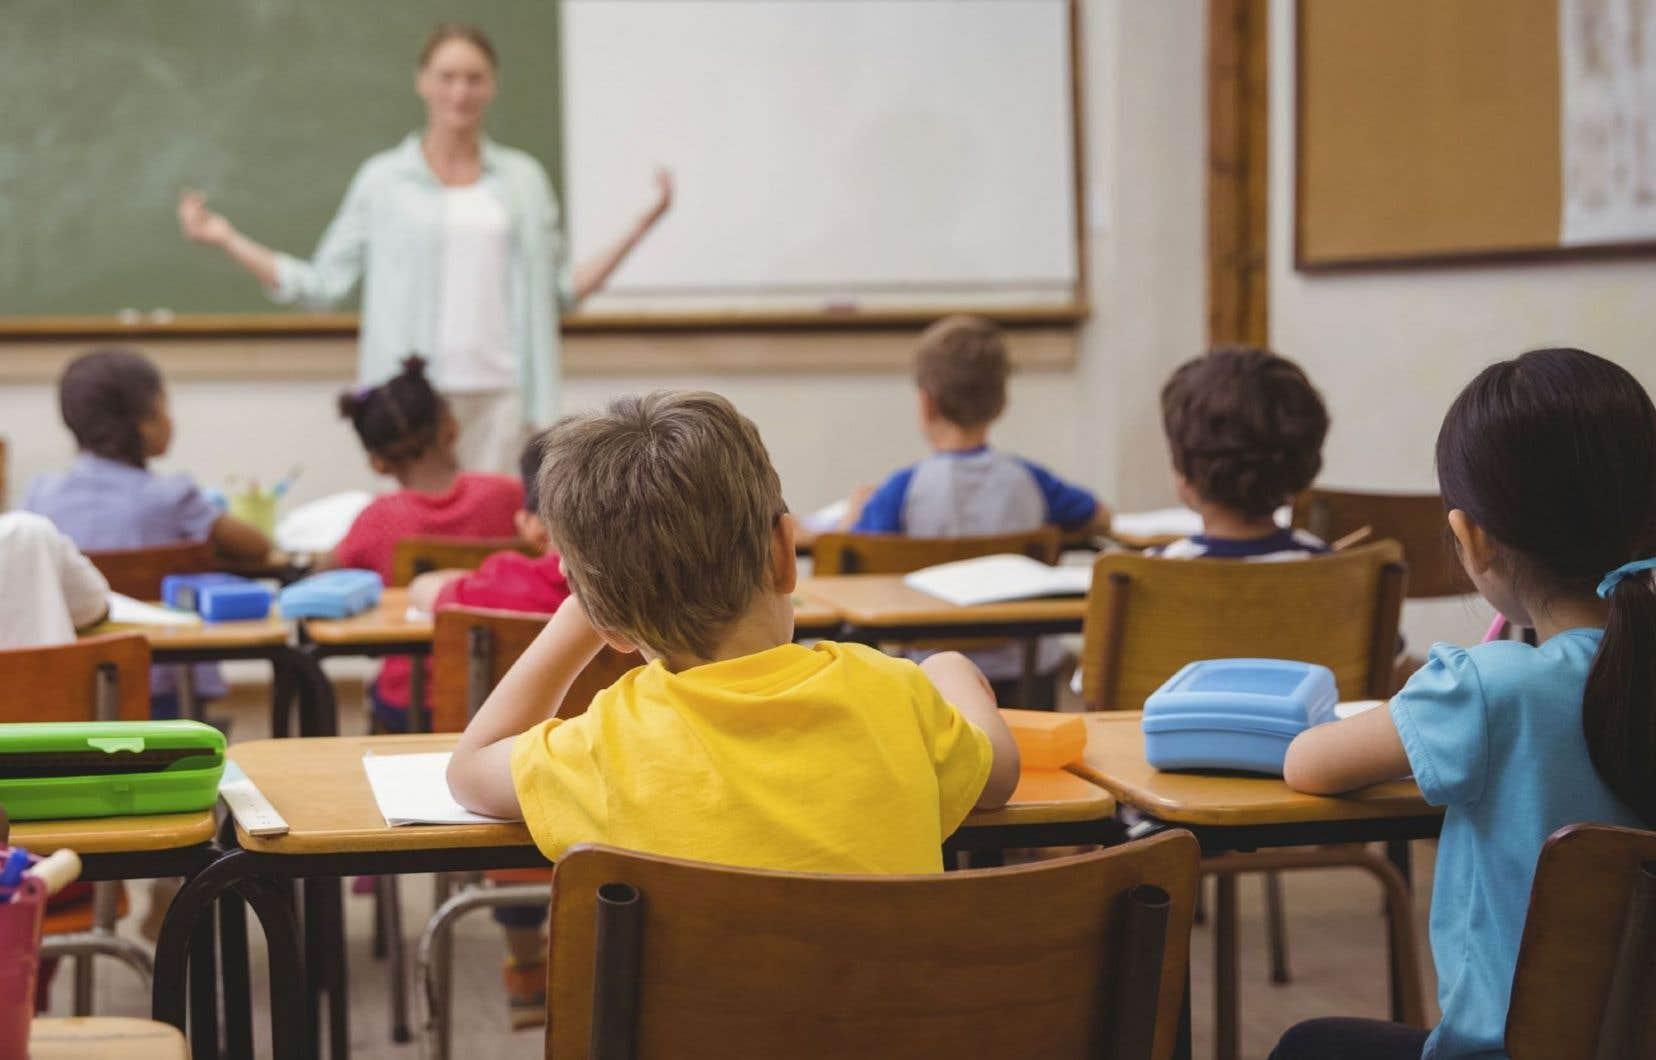 Les élèves HDAA représentent près de 20 % des élèves. C'est un cinquième des élèves et leur nombre ne cesse d'augmenter.